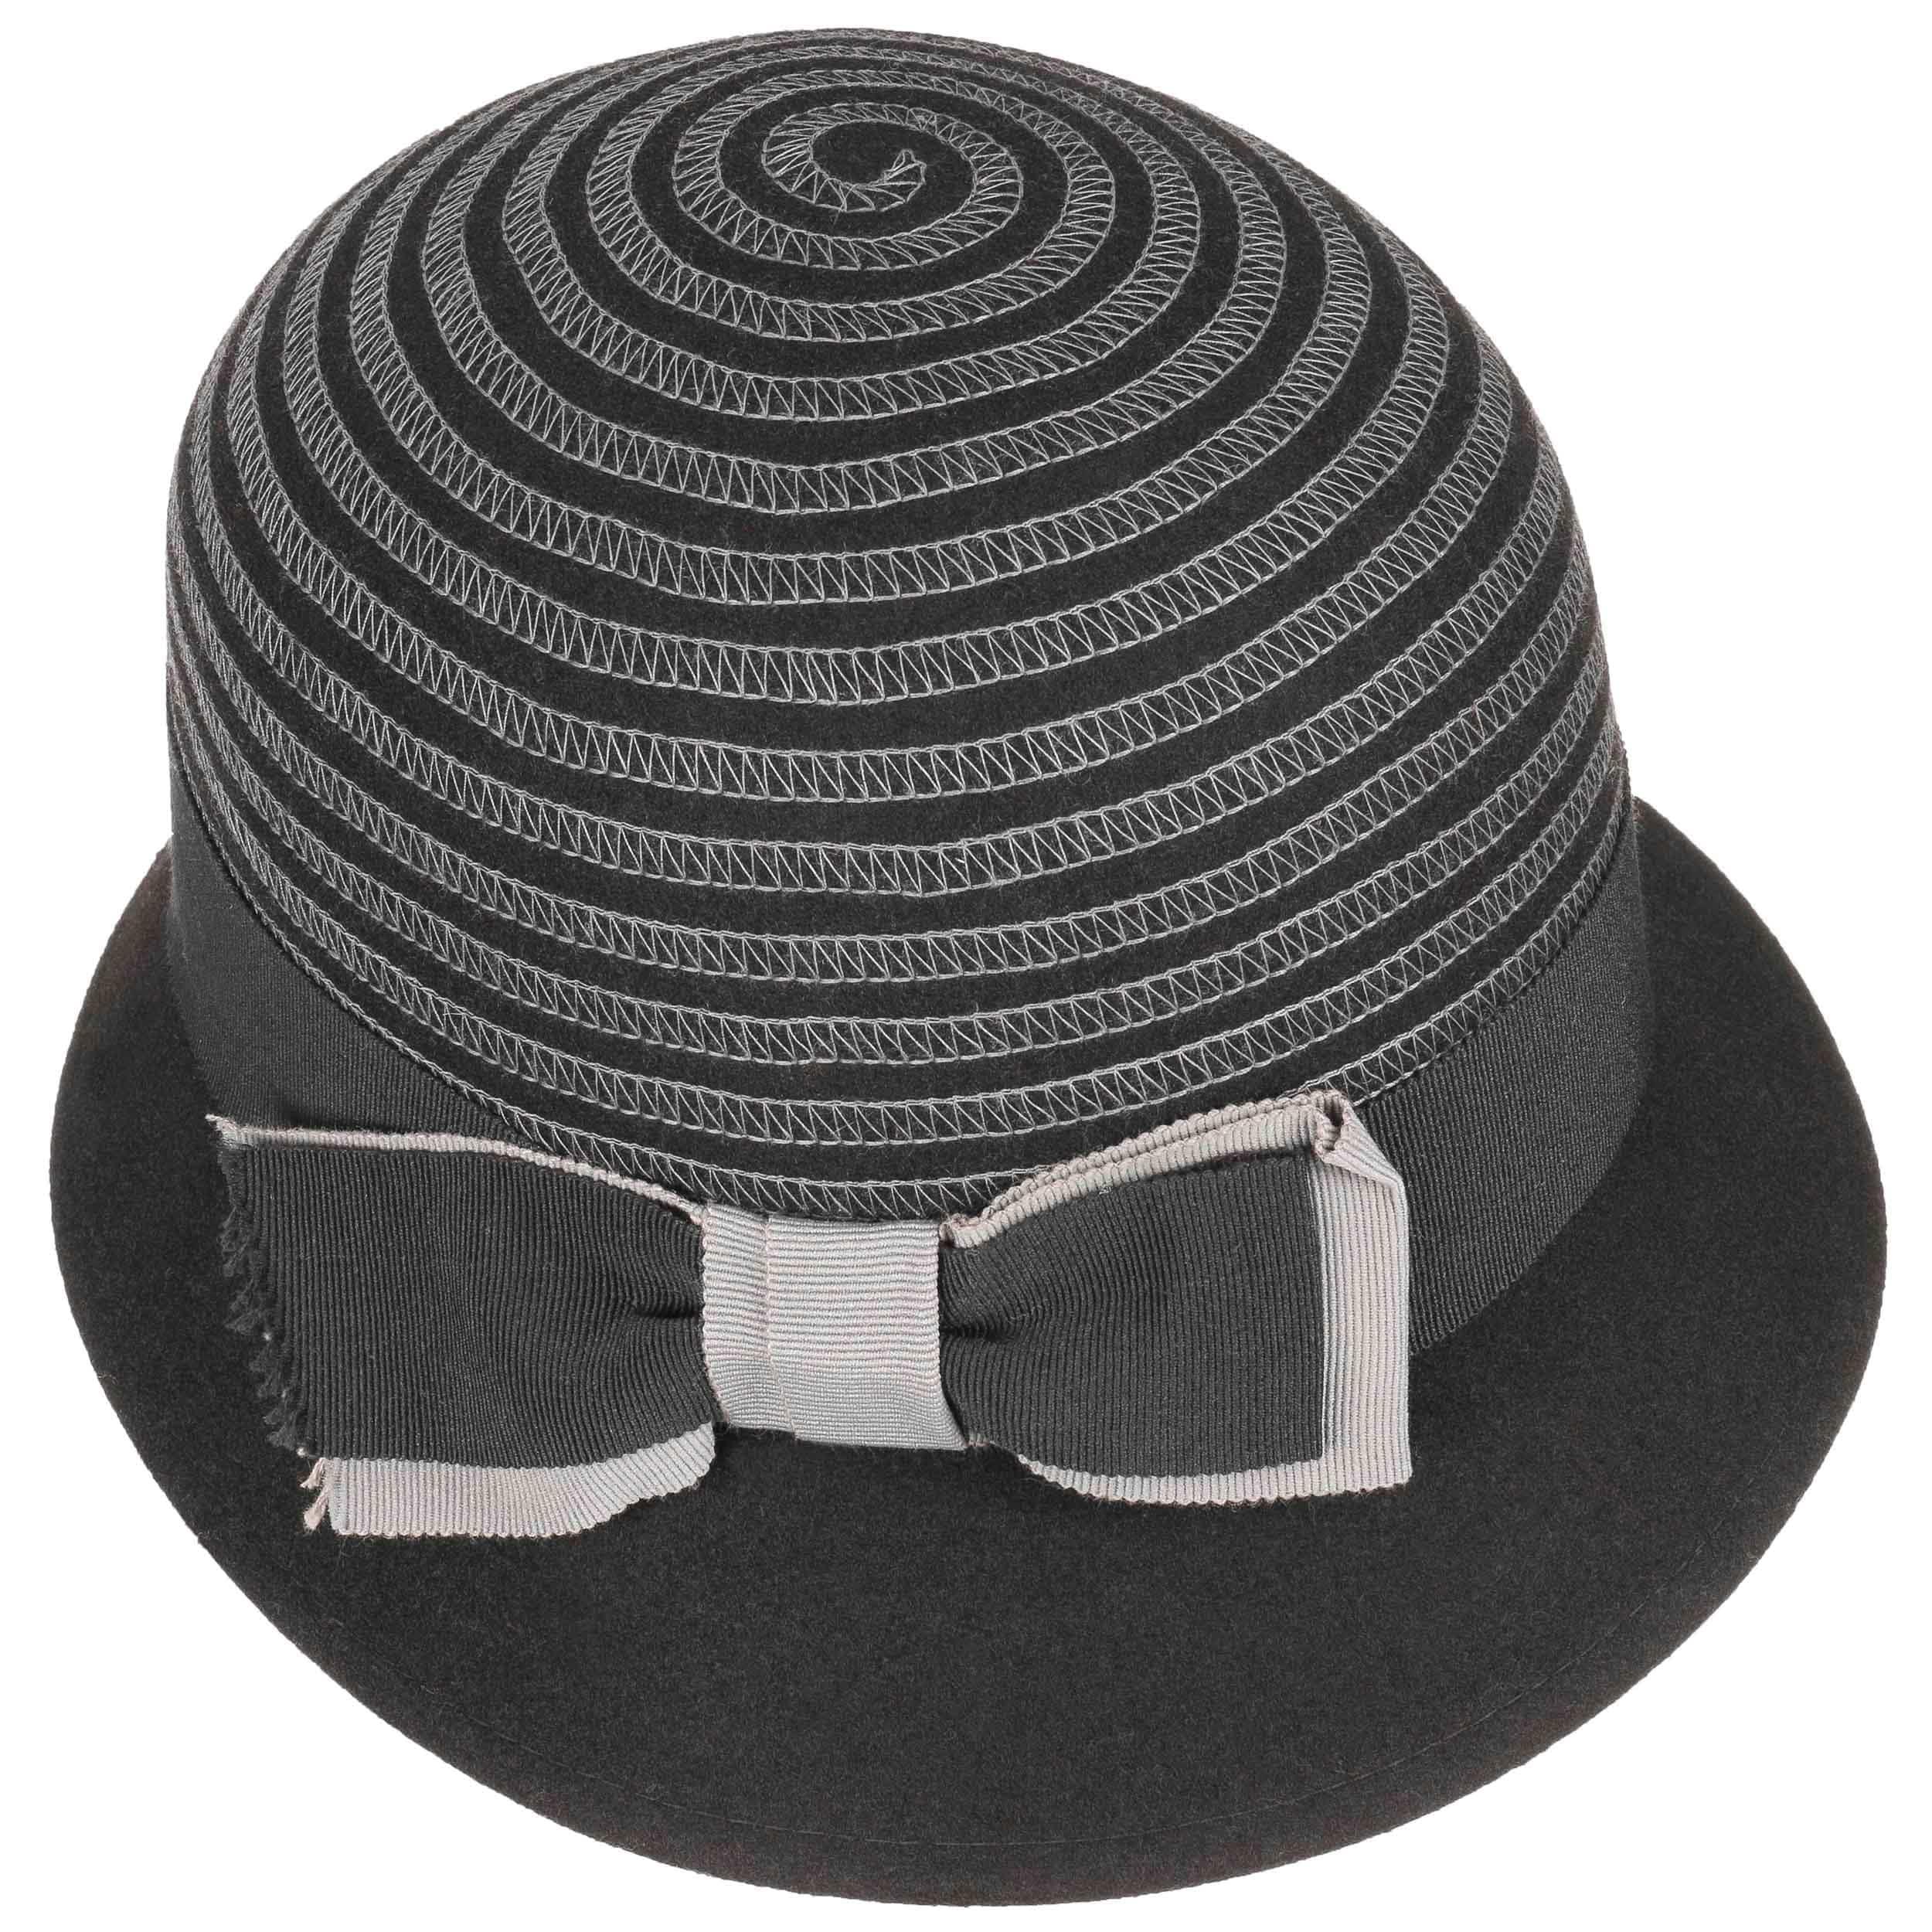 Sombrero Cloché Heide by Mayser - Sombreros - sombreroshop.es fc00edae822